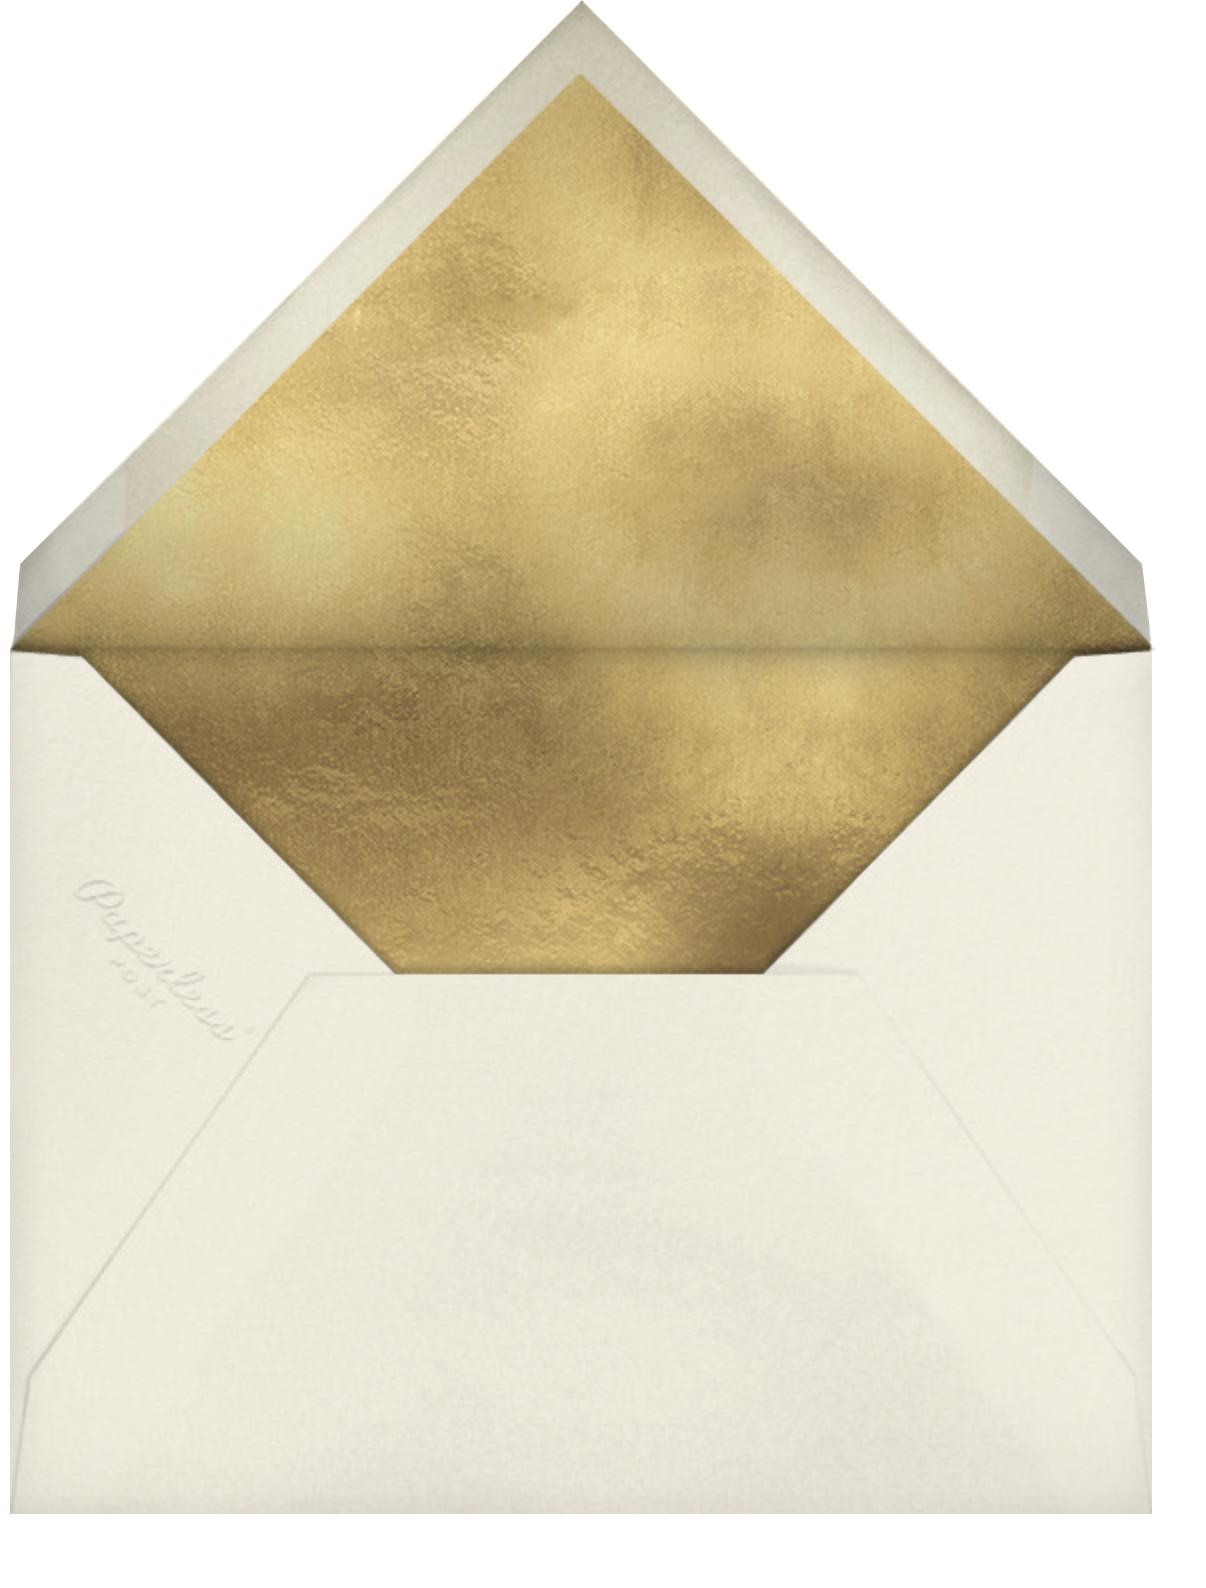 Zenada - Schumacher - Envelope